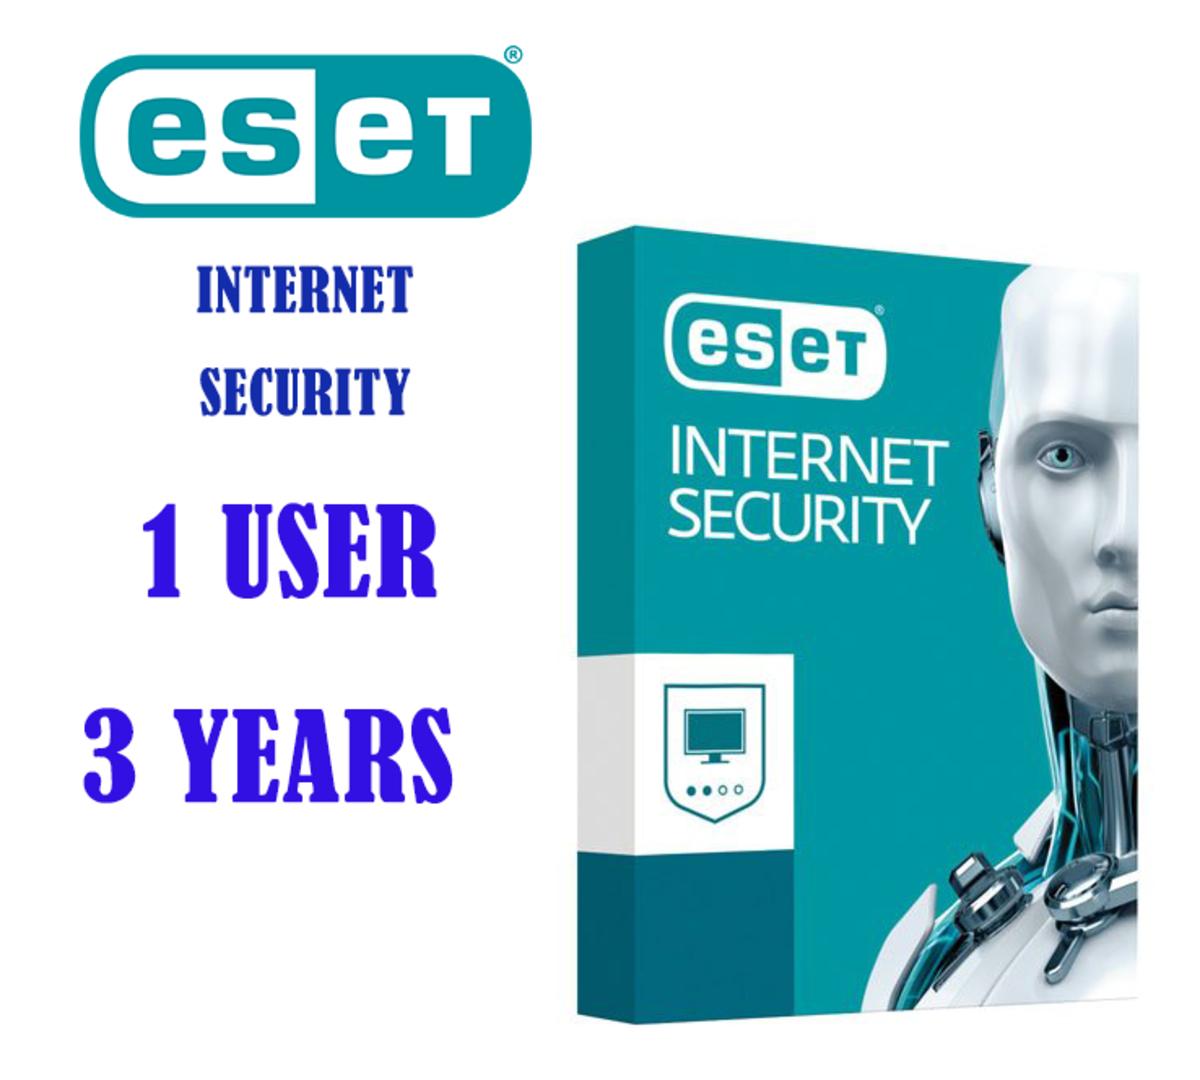 Internet Security (1用戶/3年版本) 網絡安全套裝(送廿八葉 極品烏龍茶 15g)